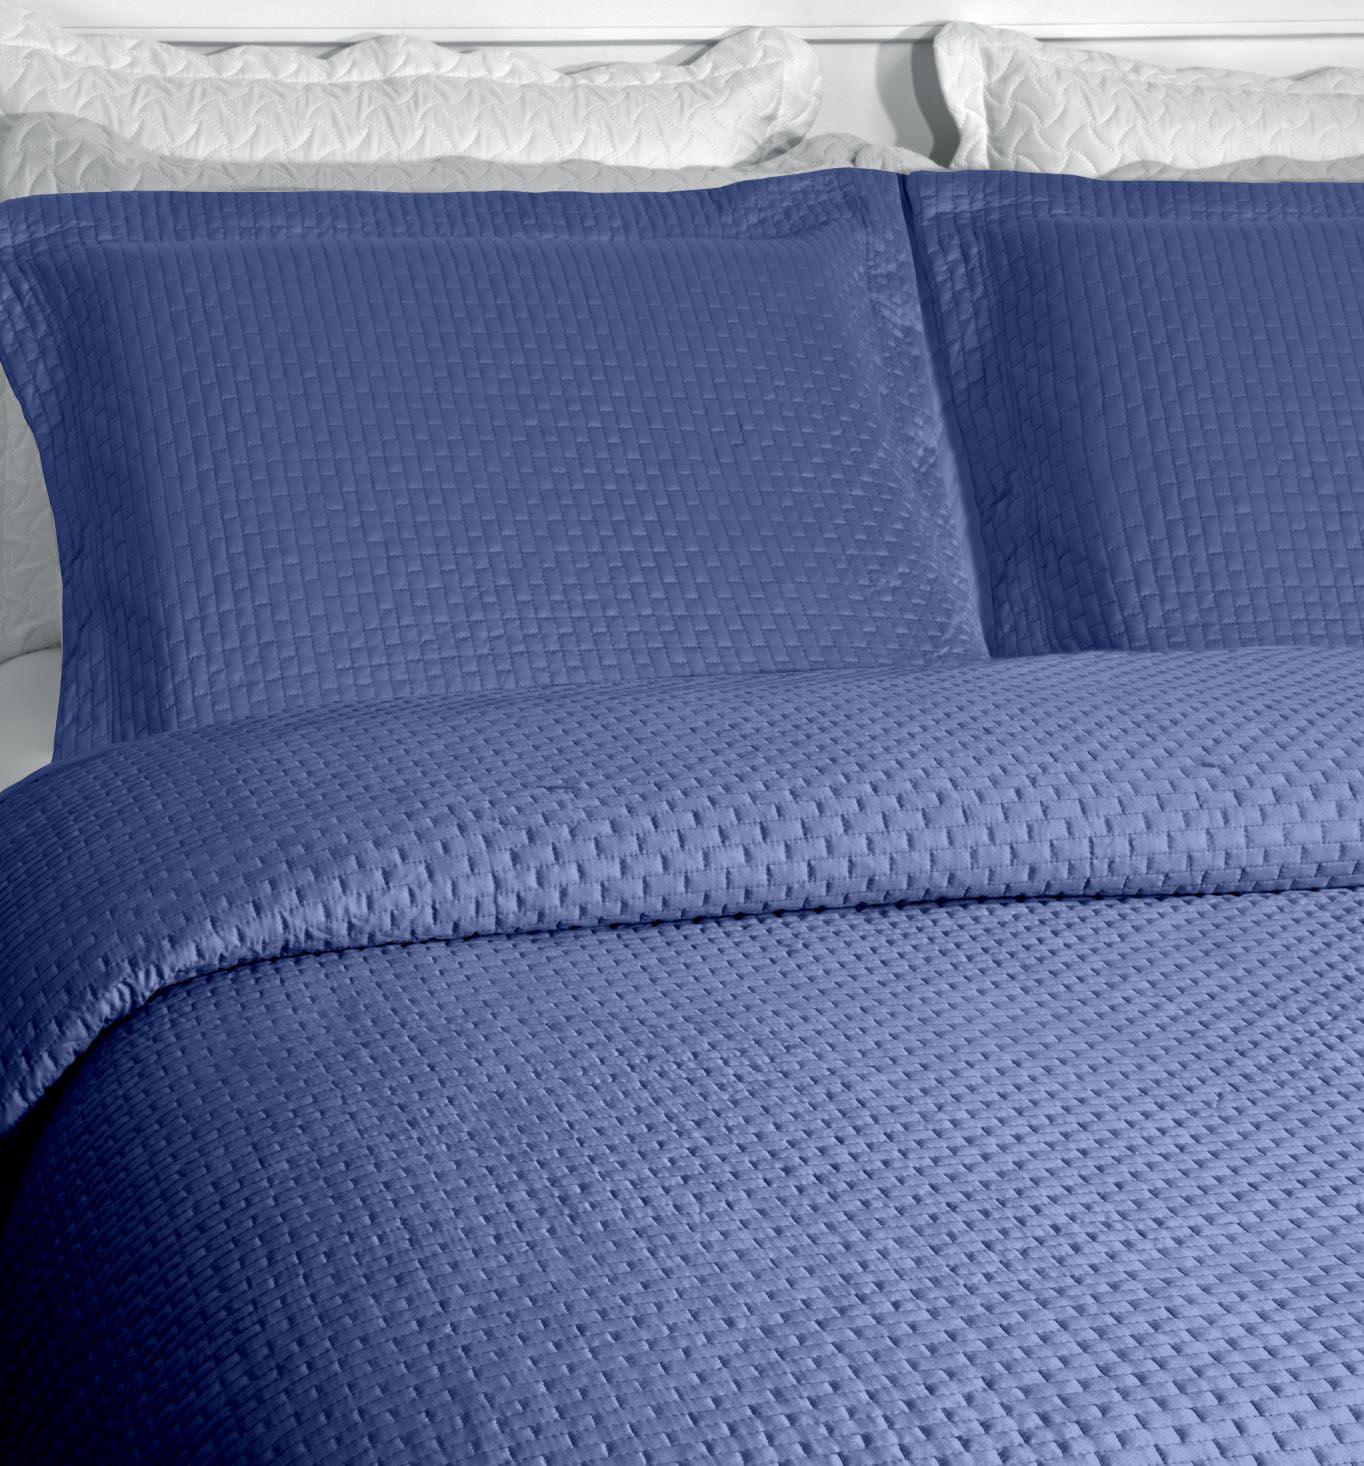 Cobre Leito Colcha King 400 Fios 100% Costurada 3 Peças Melbourne Rozac Azul